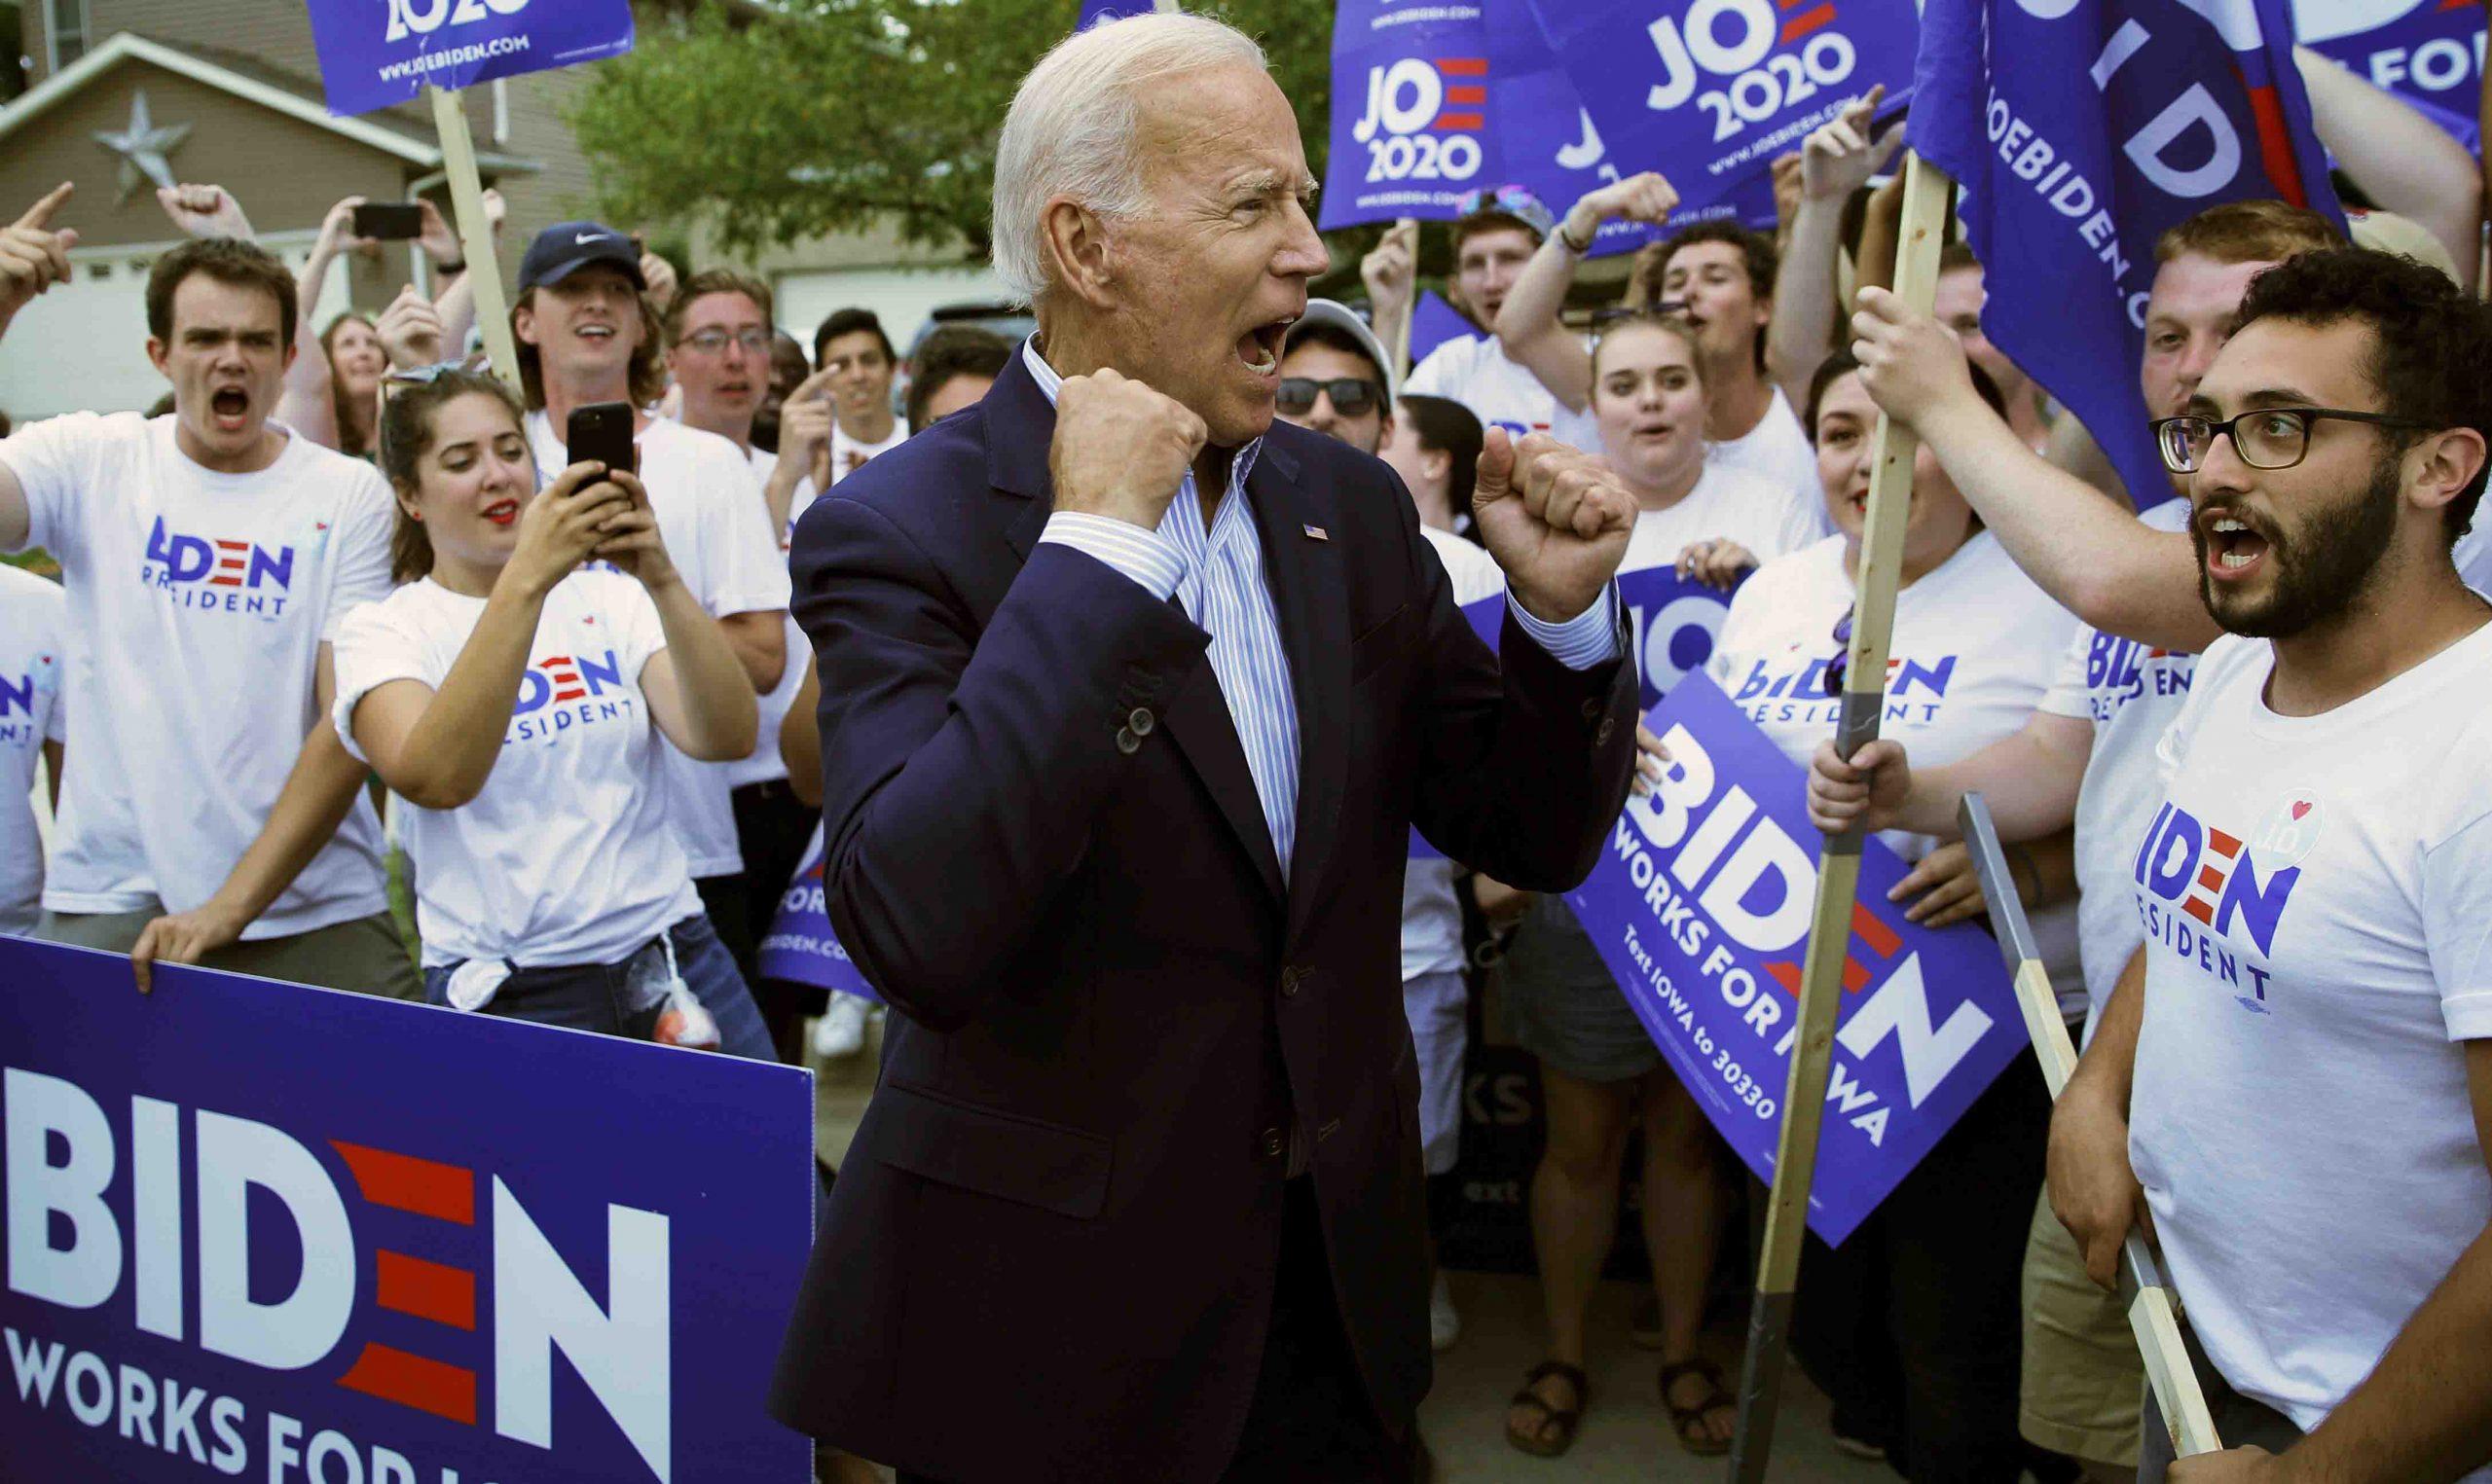 joe-biden-accepts-democratic-party's-presidential-nomination